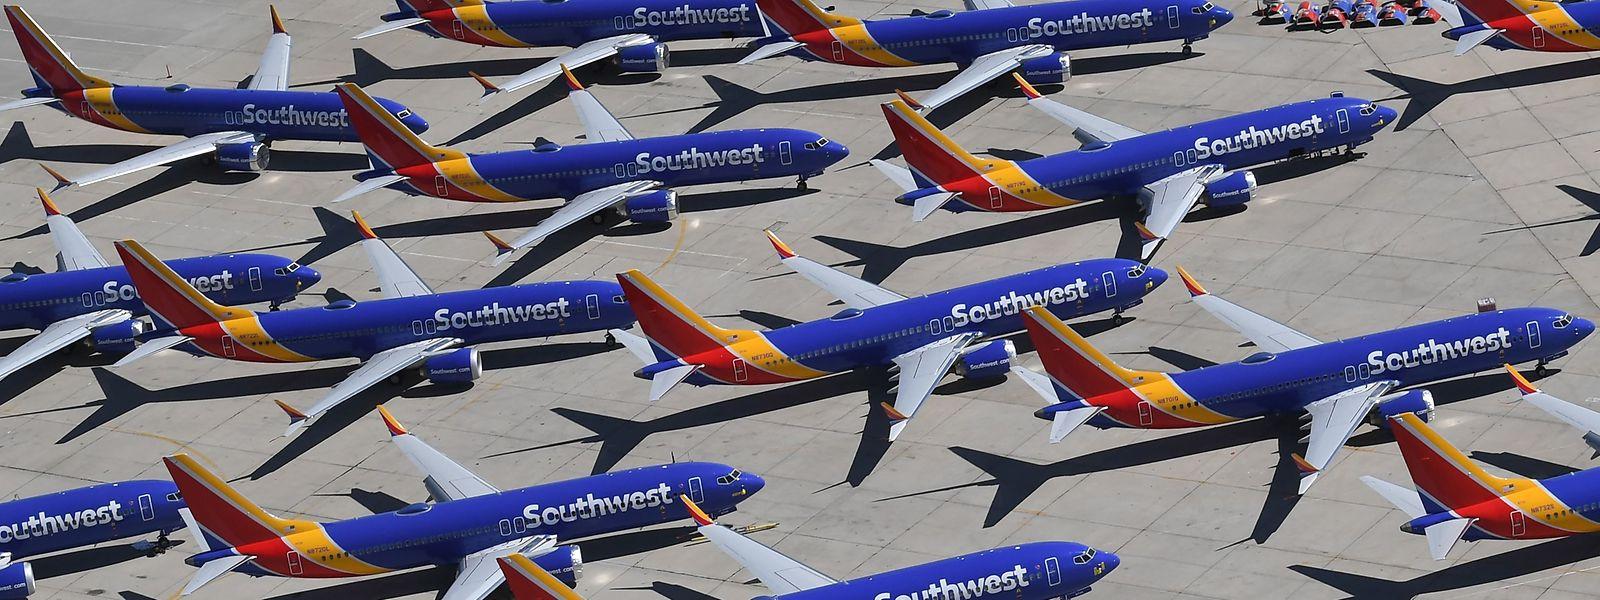 Müssen am Boden bleiben: Die Software der Boeing 737 MAX steht im Verdacht, zu zwei Flugzeugabstürzen beigetragen zu haben.